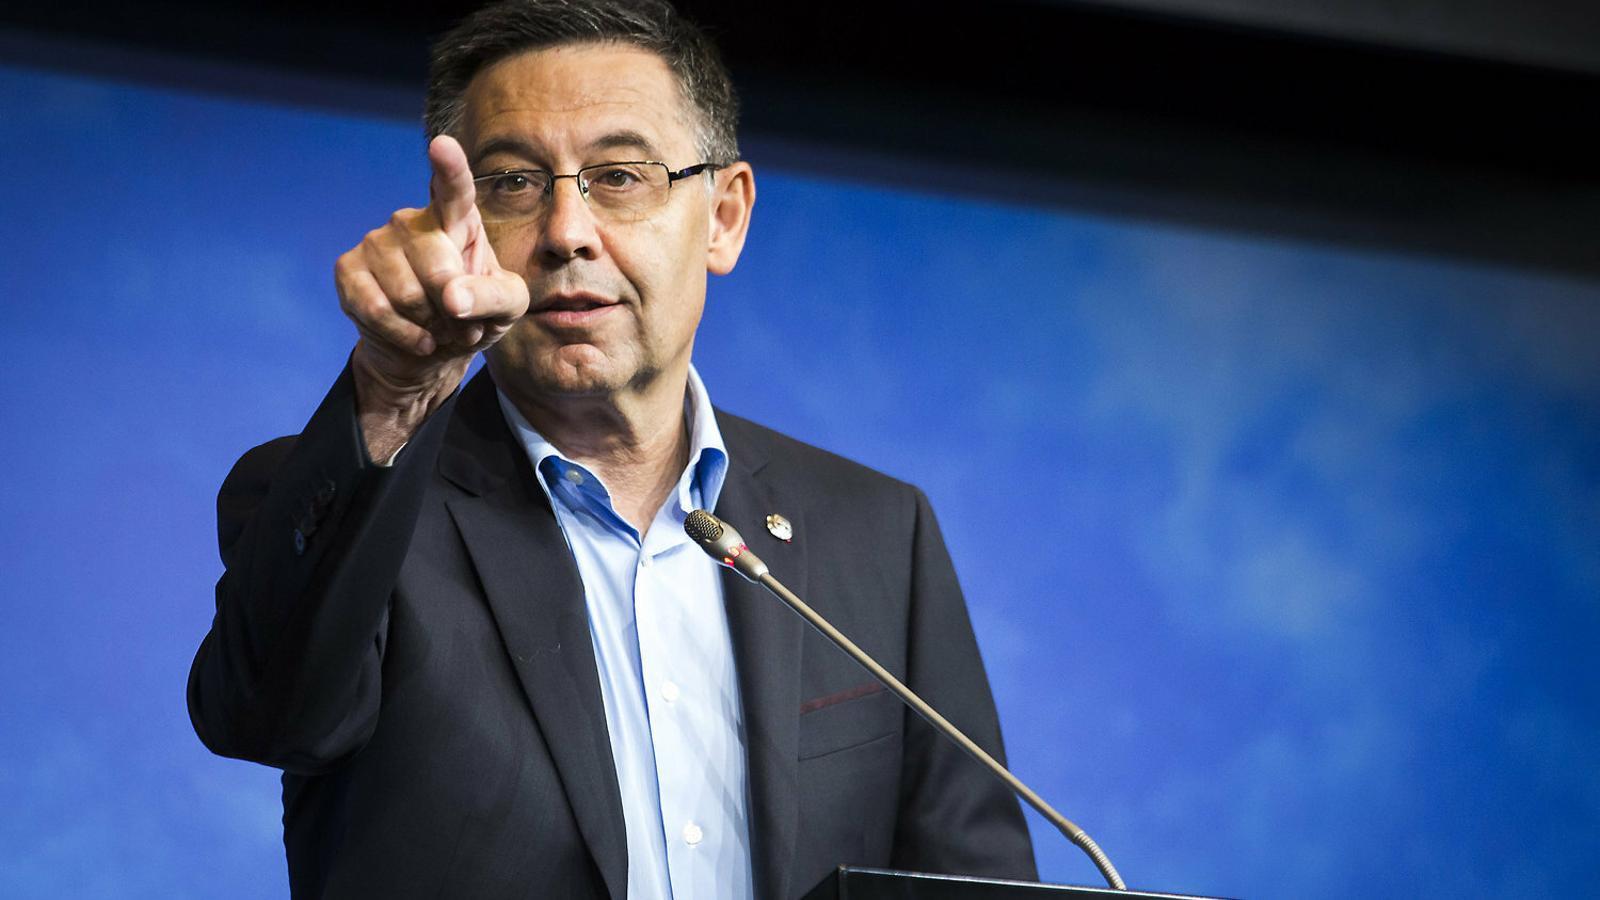 La publicació de missatges difamatoris sacseja el Barça